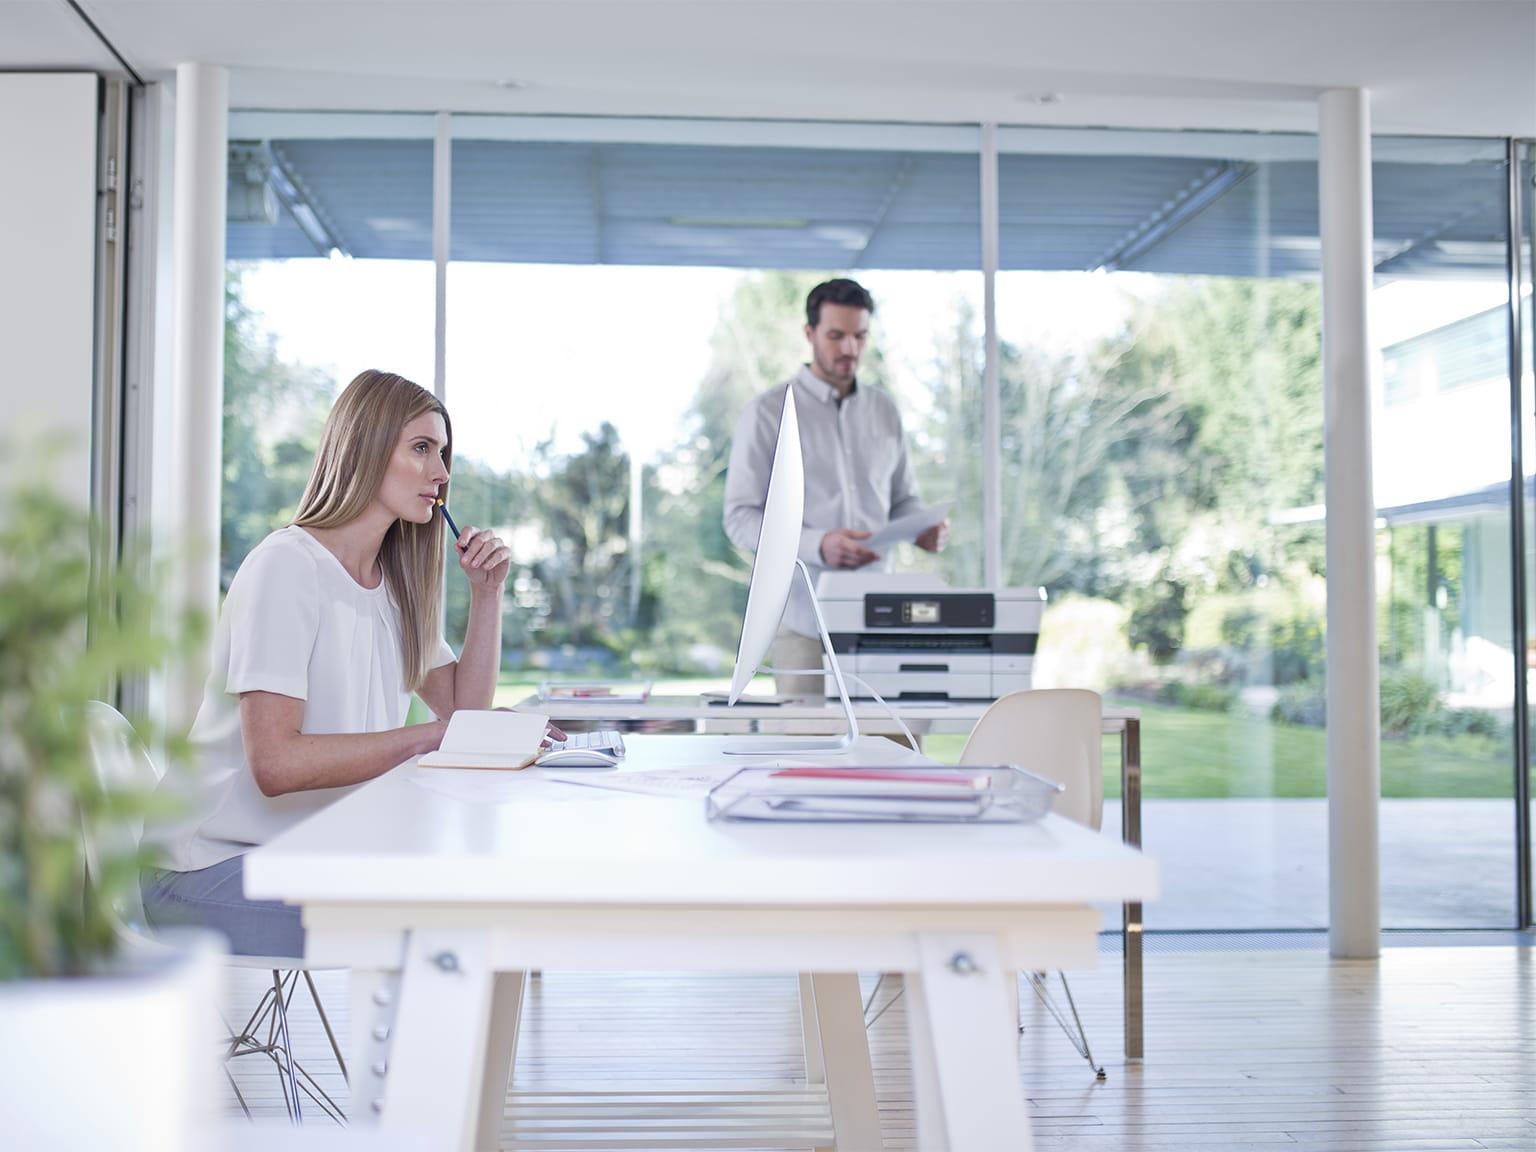 Kobieta i mężczyzna w biurze z urządzeniem Brother